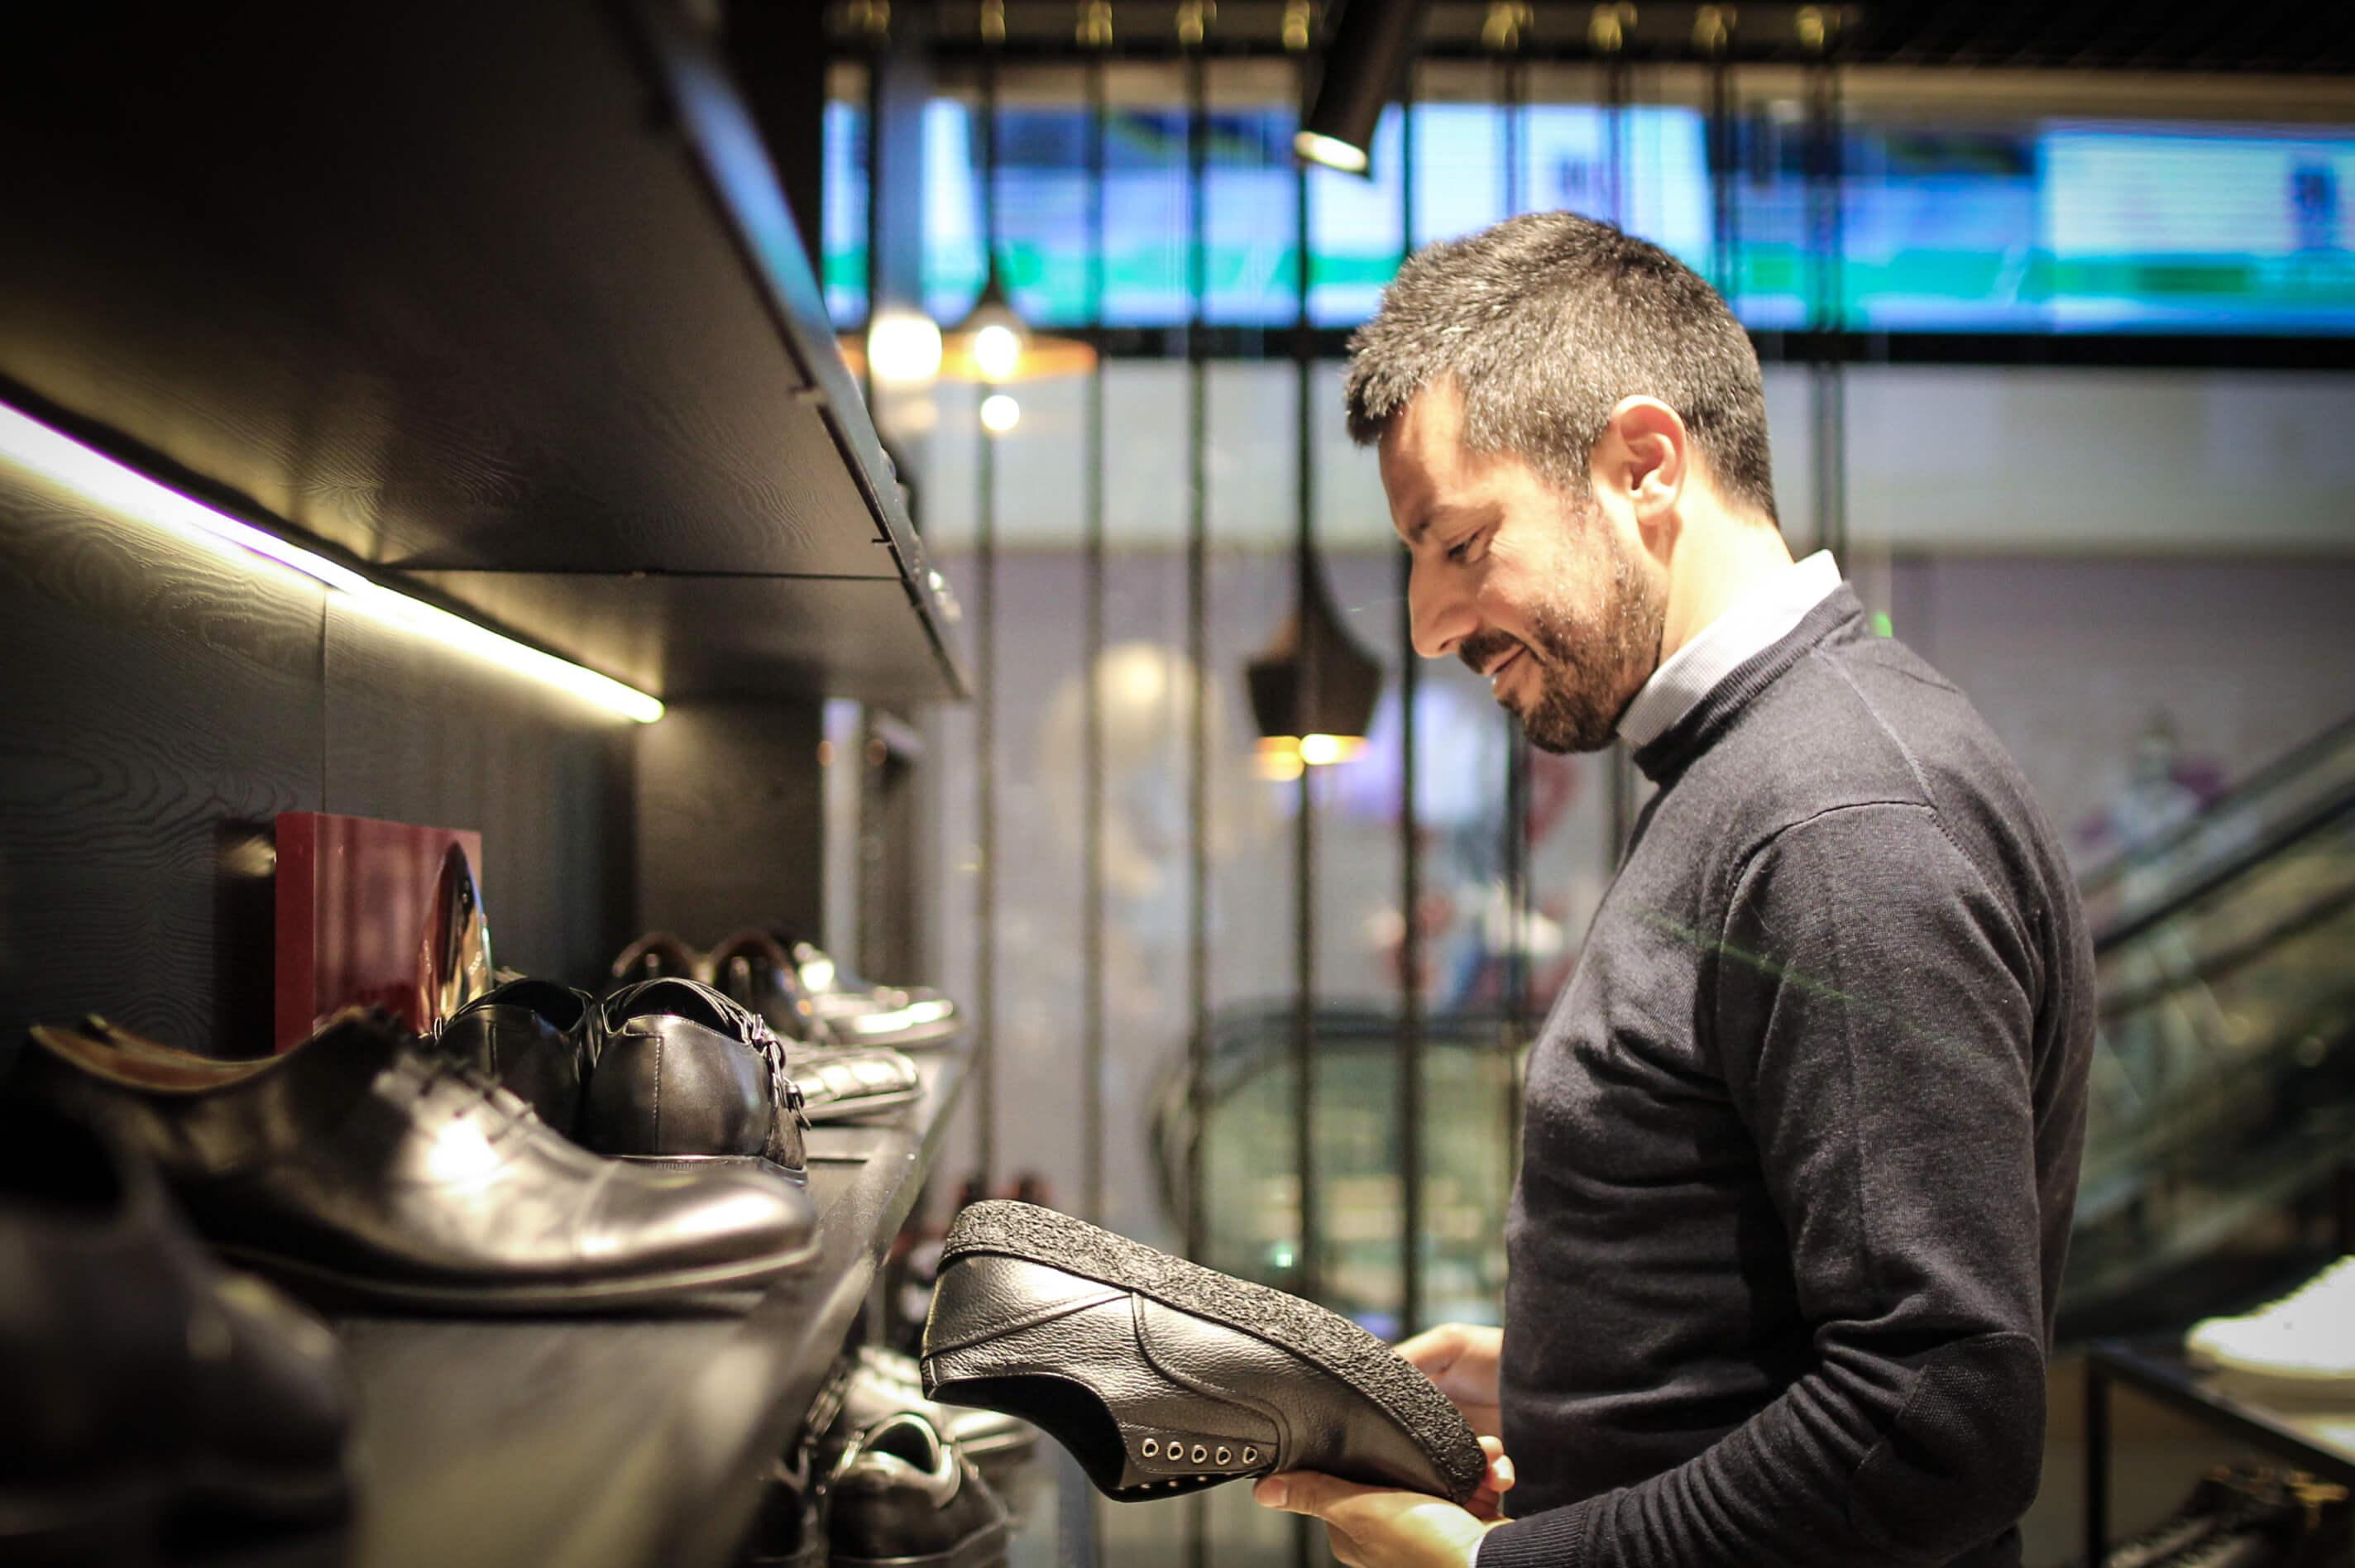 Директор итальянской фабрики Vittorio Virgili дал советы украинским дизайнерам-320x180